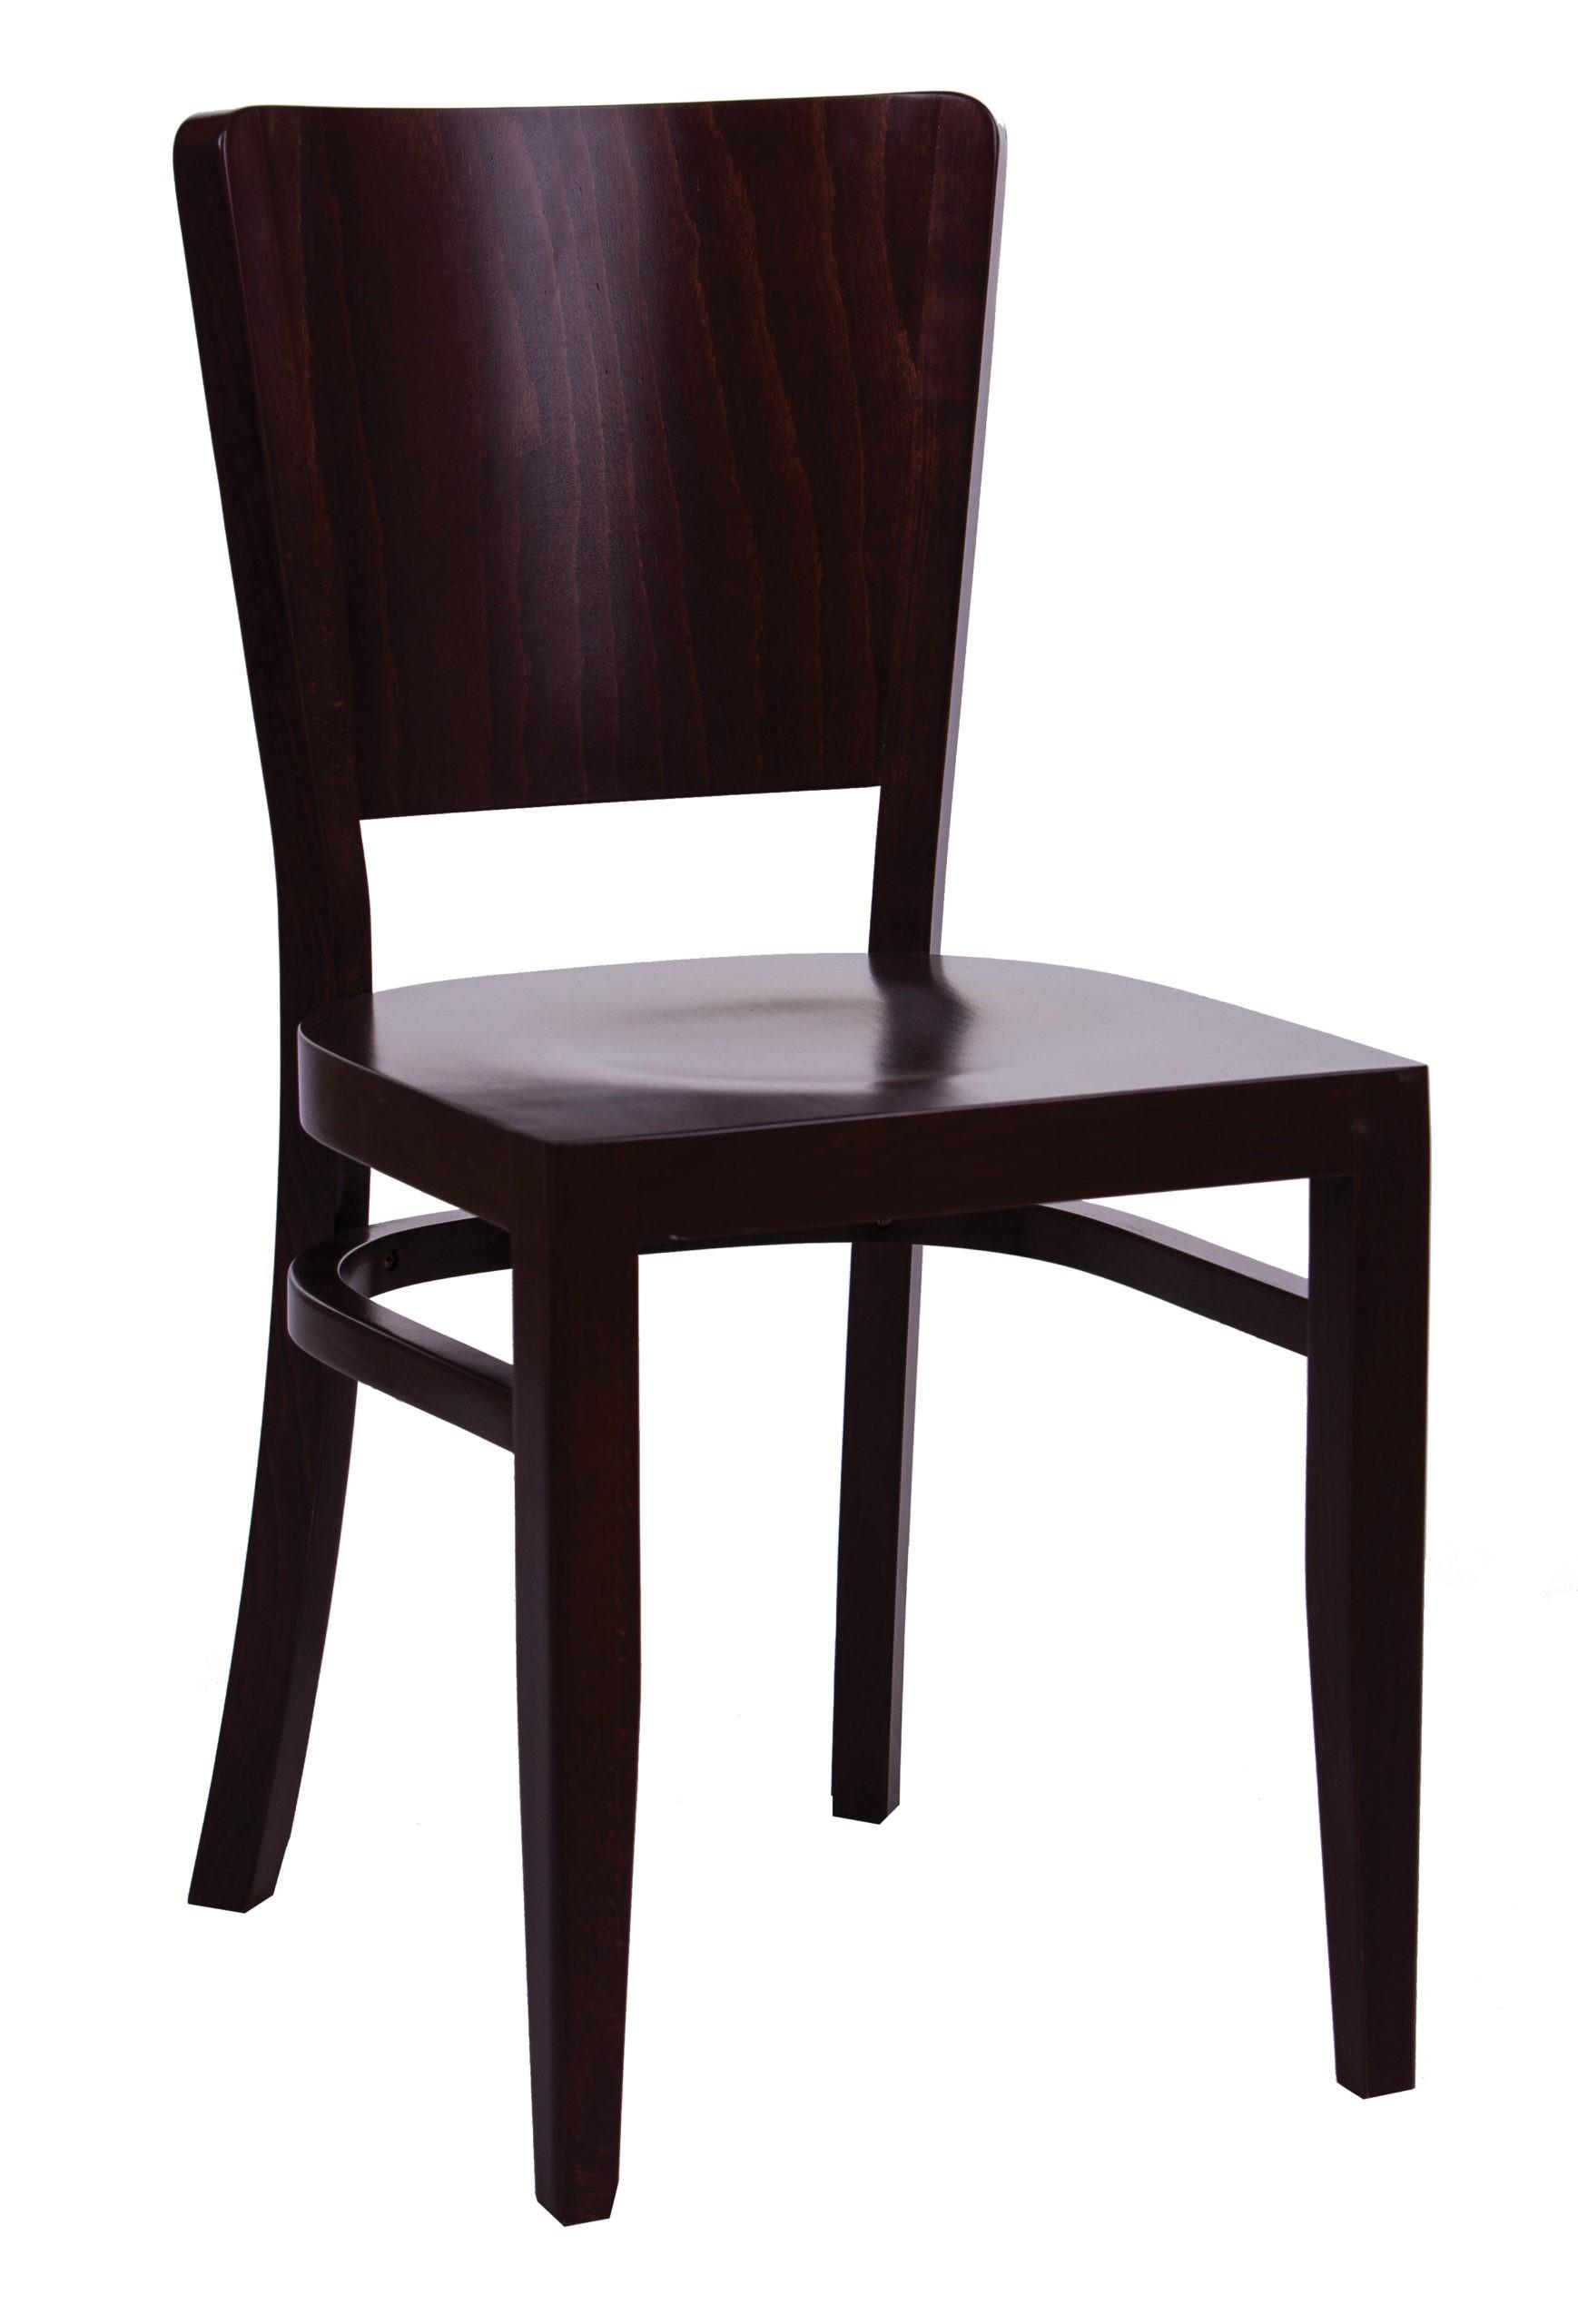 Drewniane krzesło KT48 do jadalni kuchni drewniane siedzisko i oparcie